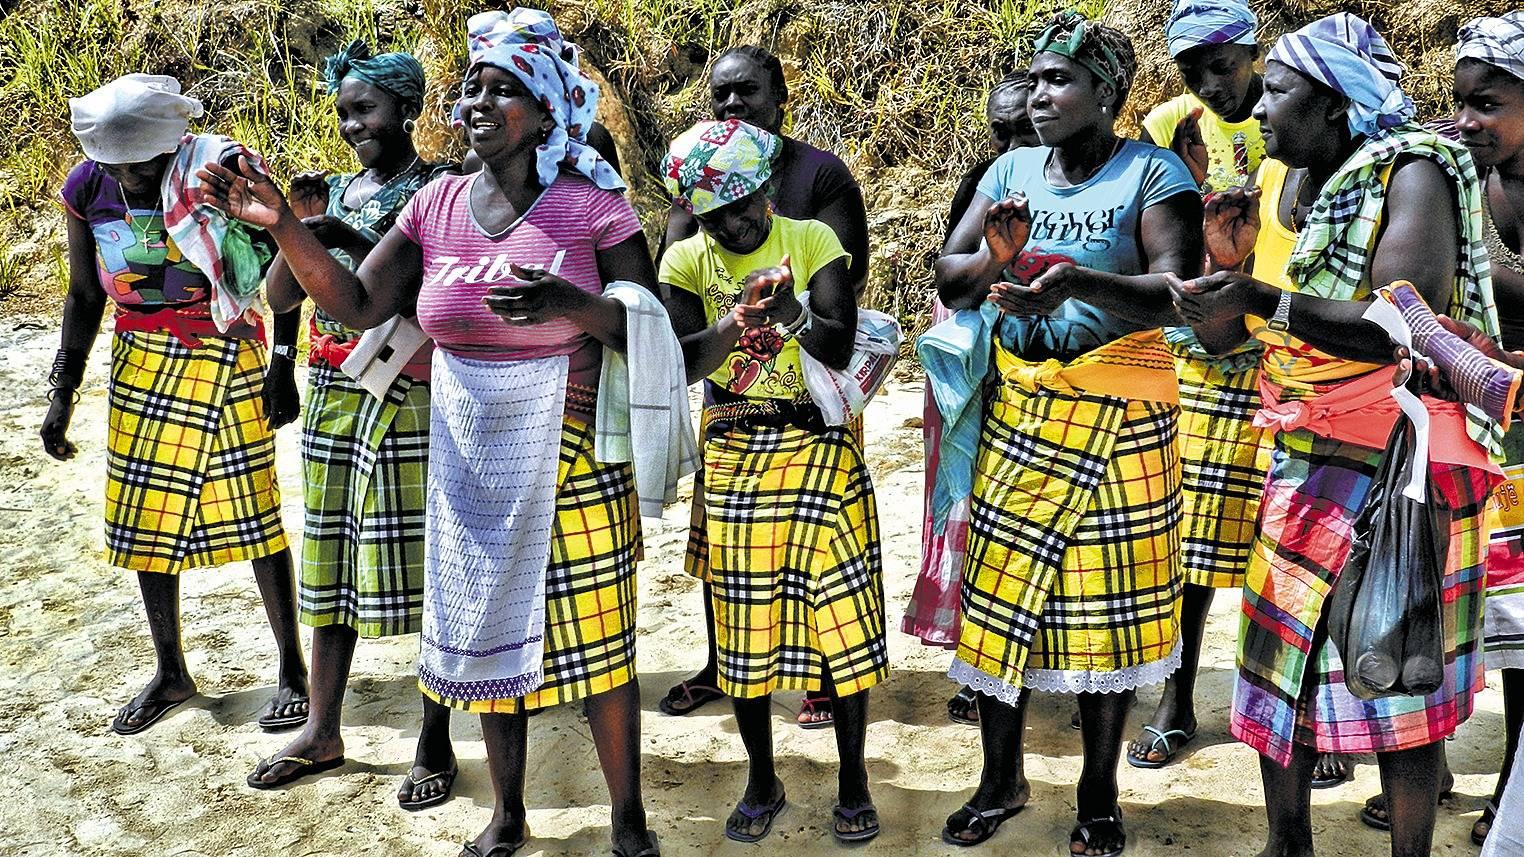 Kunterbunte Mischung Aus Drei Kontinenten Suriname Reise Rnz